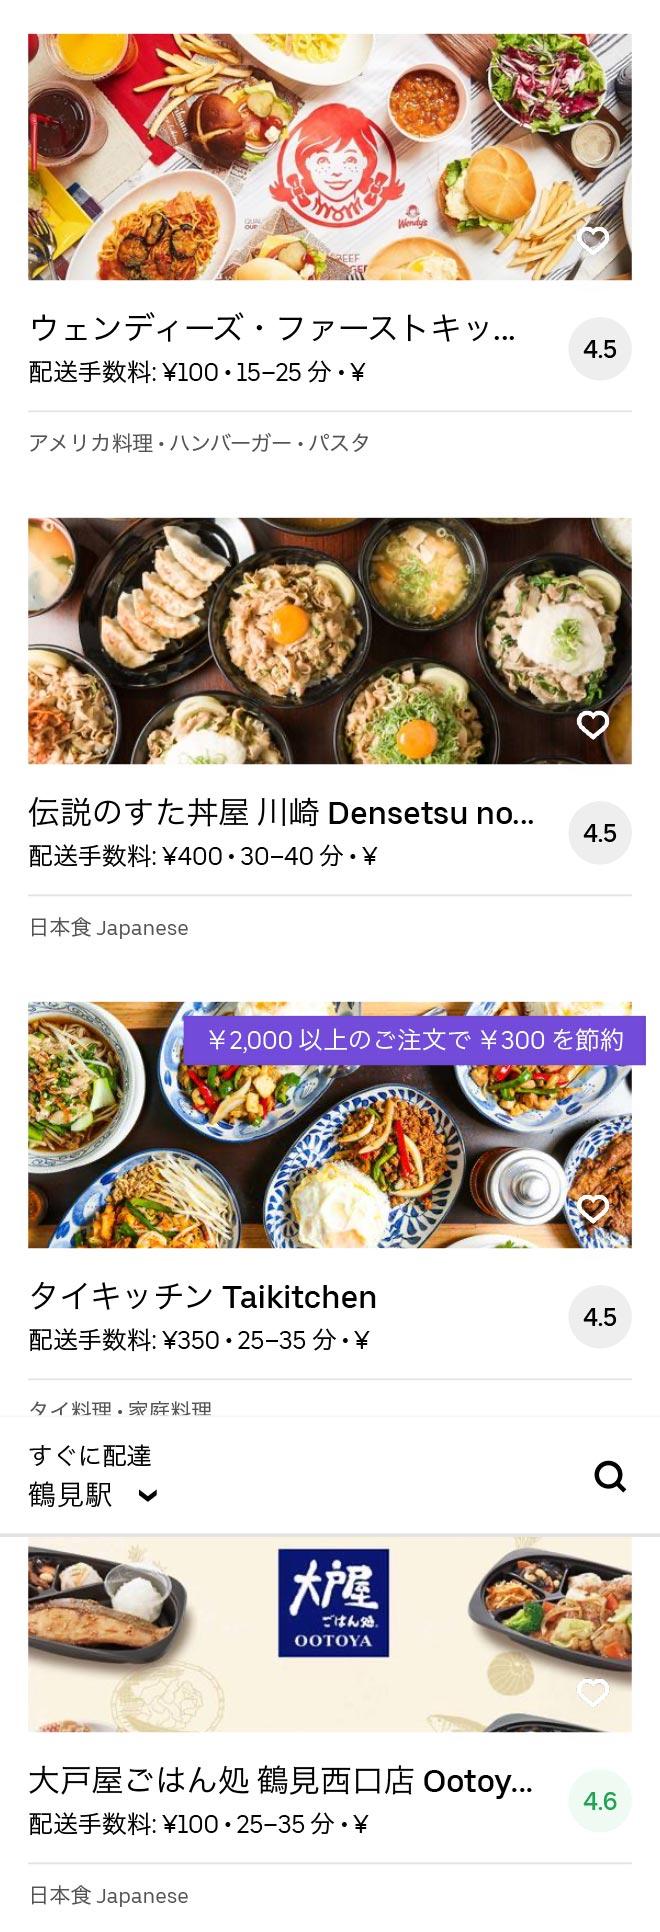 Yokohama tsurumi menu 2004 03